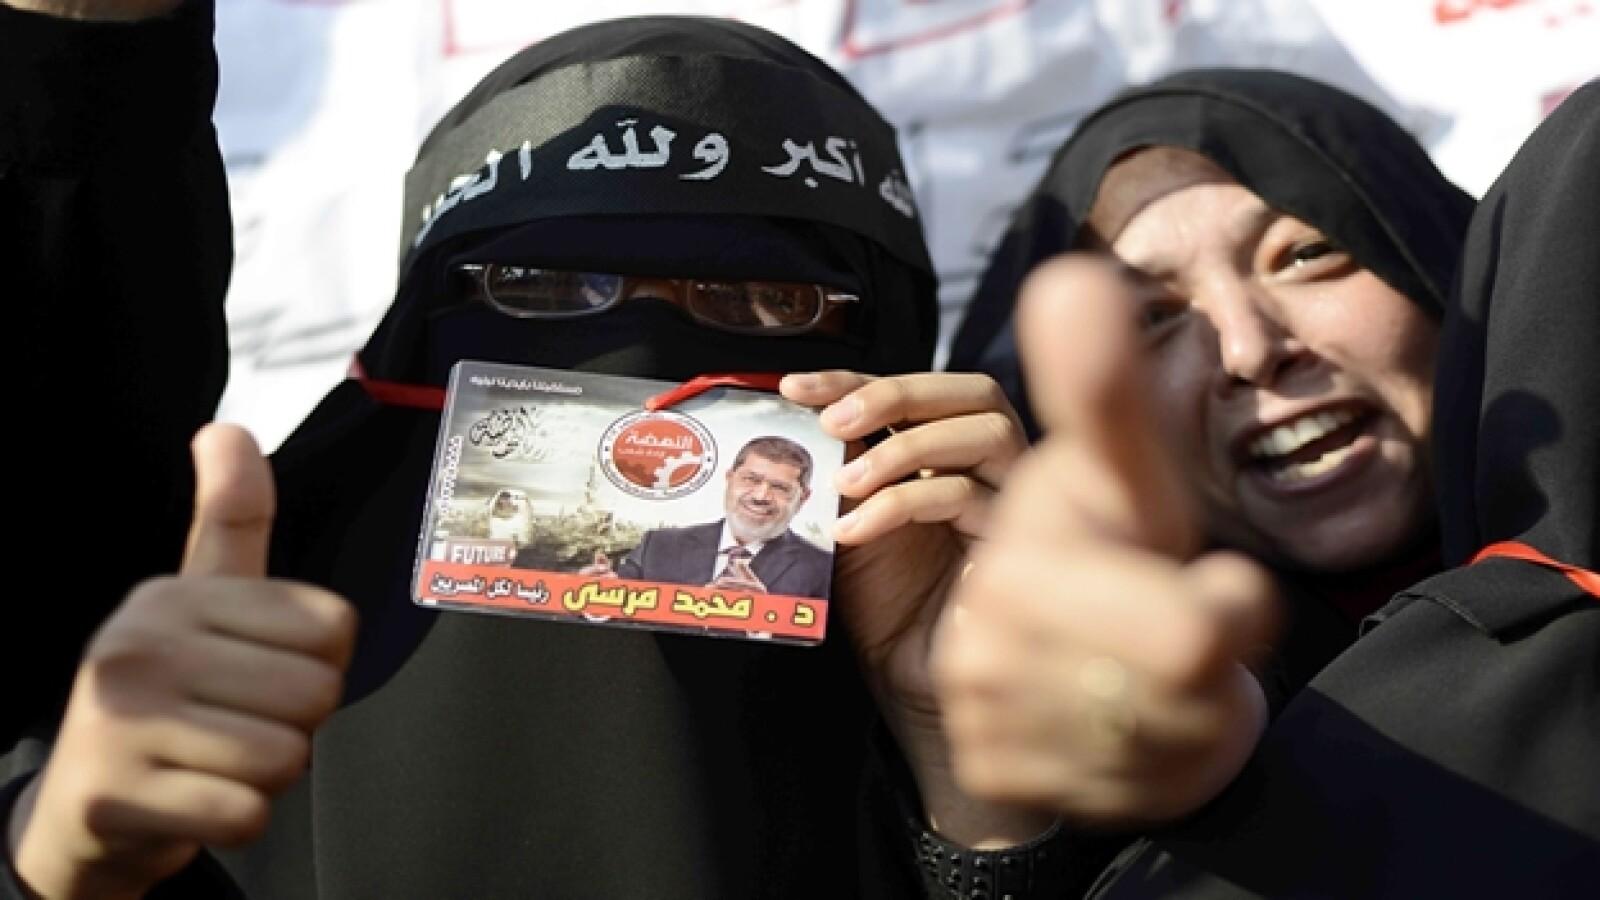 protestasegipcias